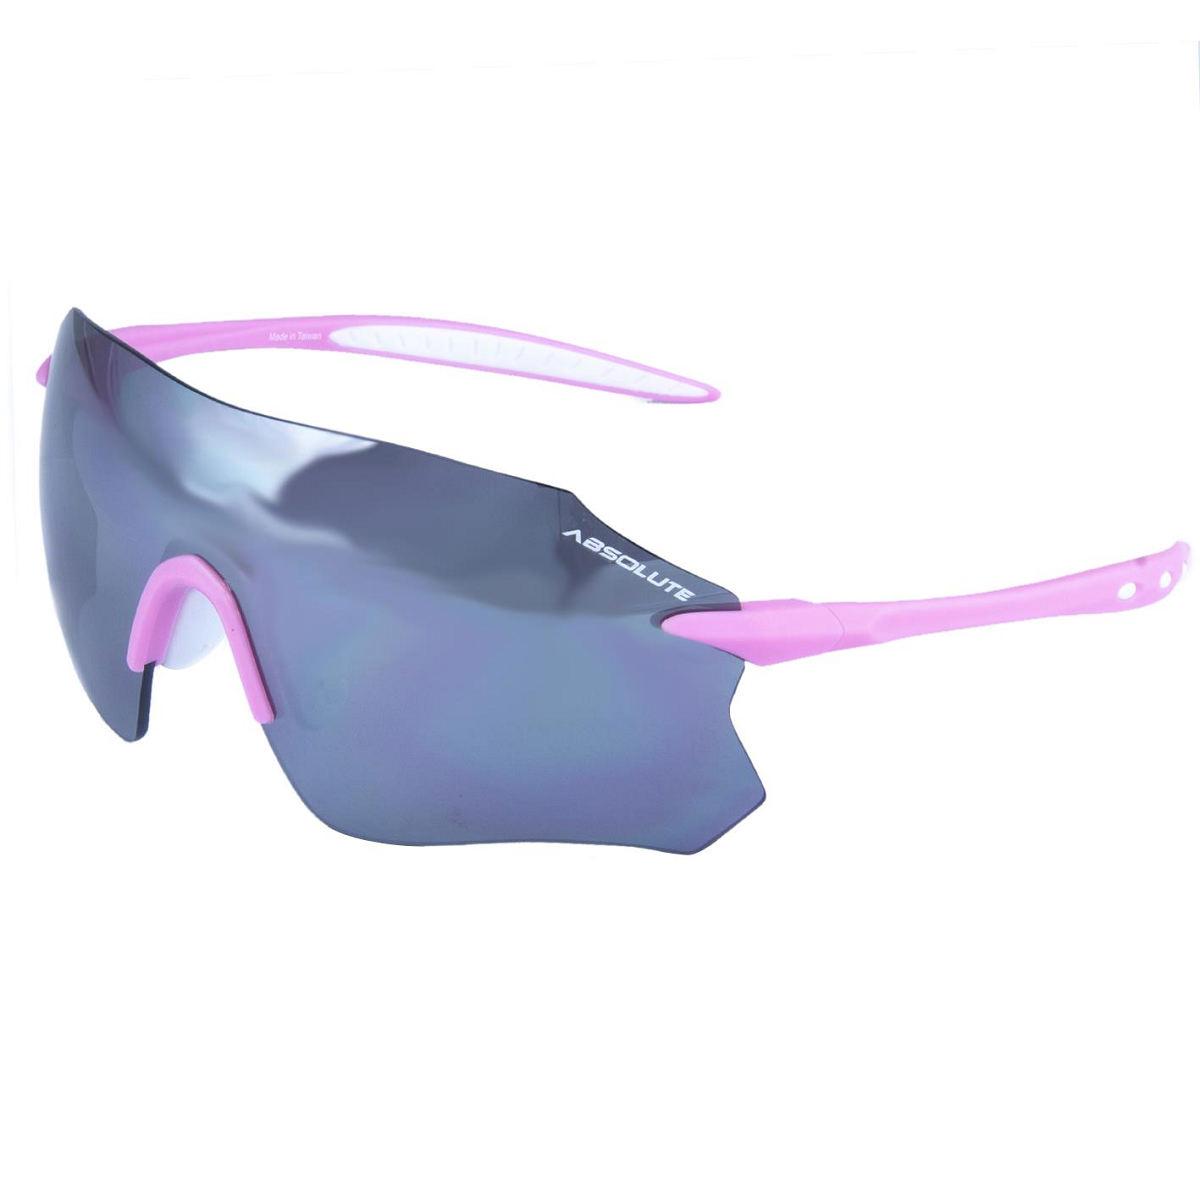 Oculos Absolute Prime Sl Bco/Rosa, Lente Pta.